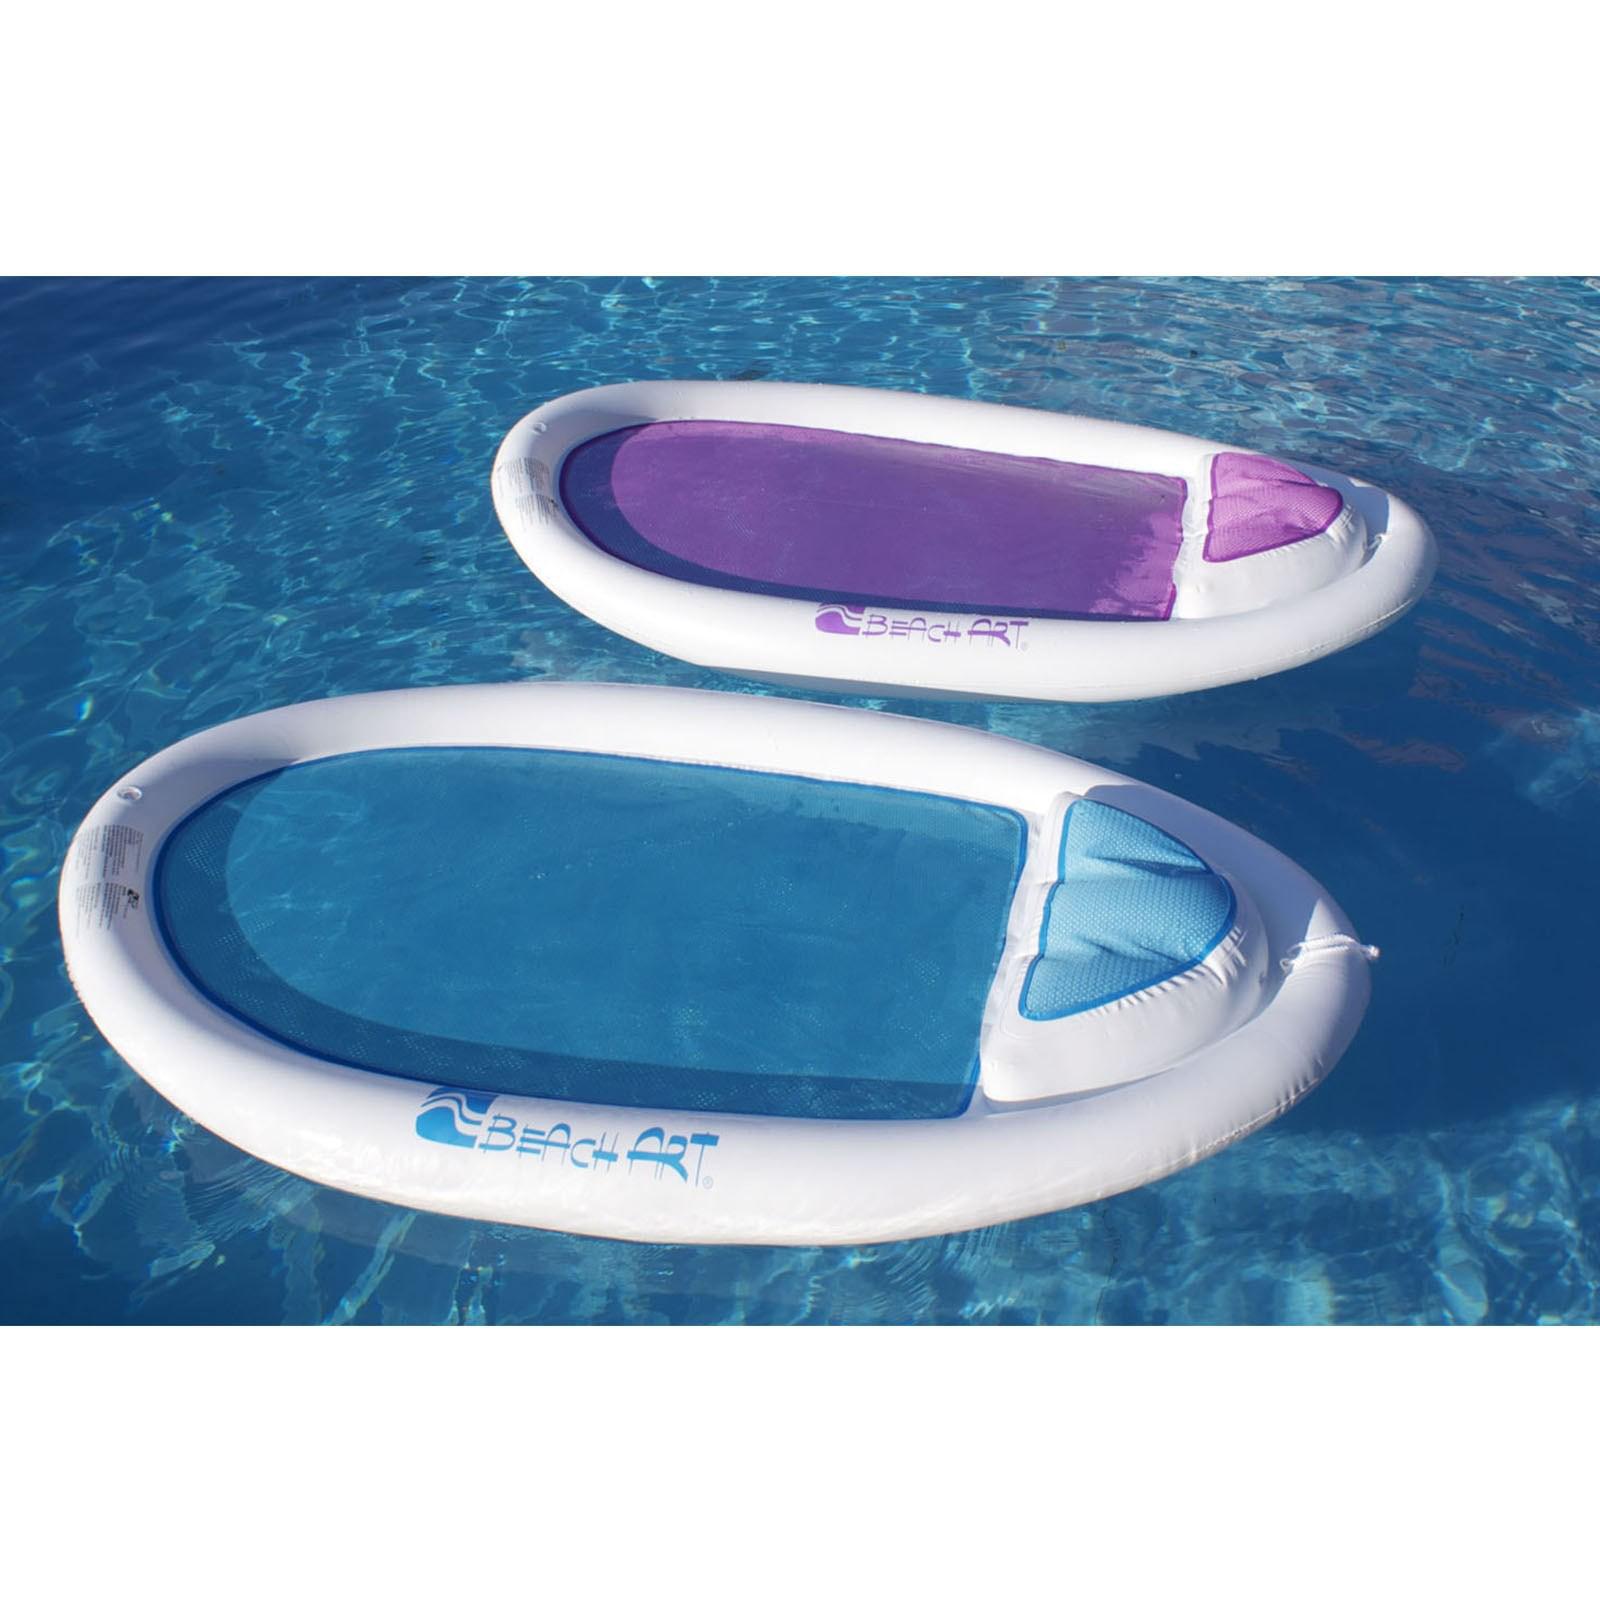 Amaca poltrona galleggiante materassino per mare piscina for Materassini piscina